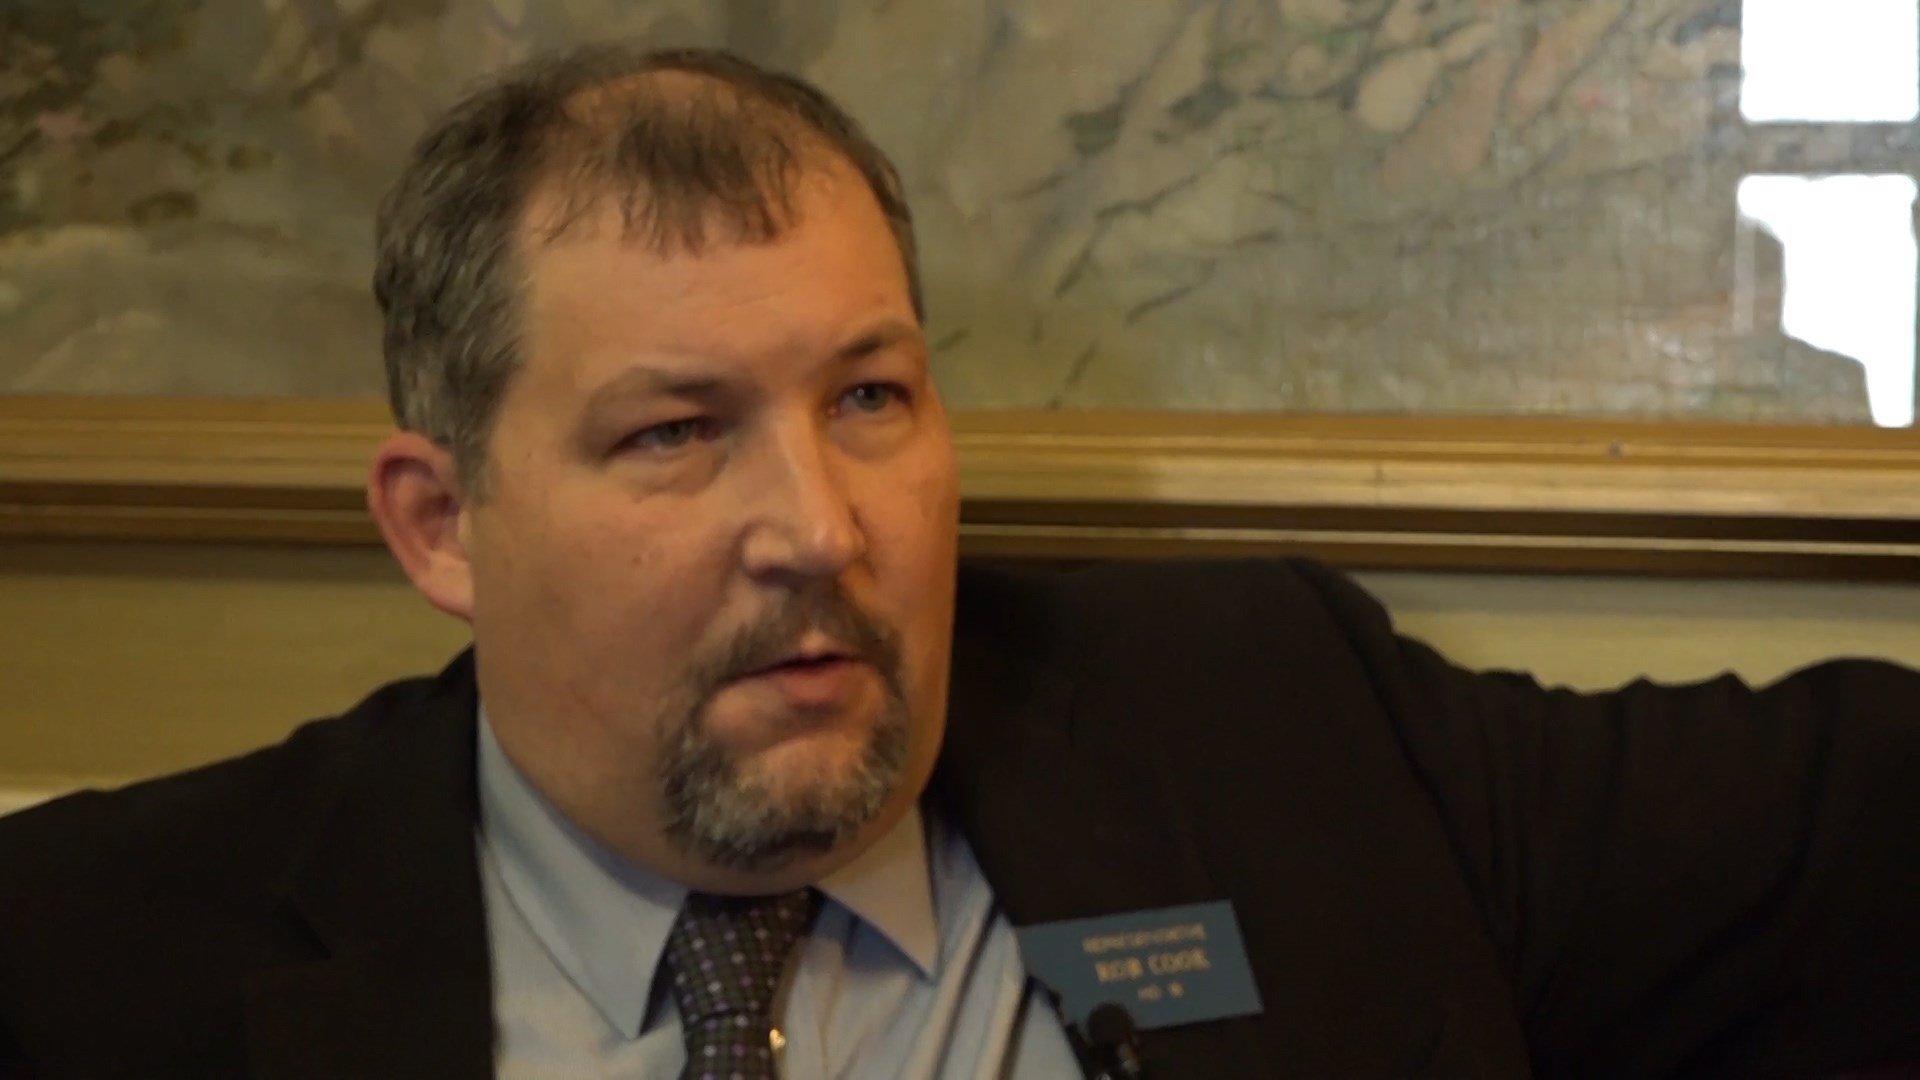 State Rep. Rob Cook, R-Conrad